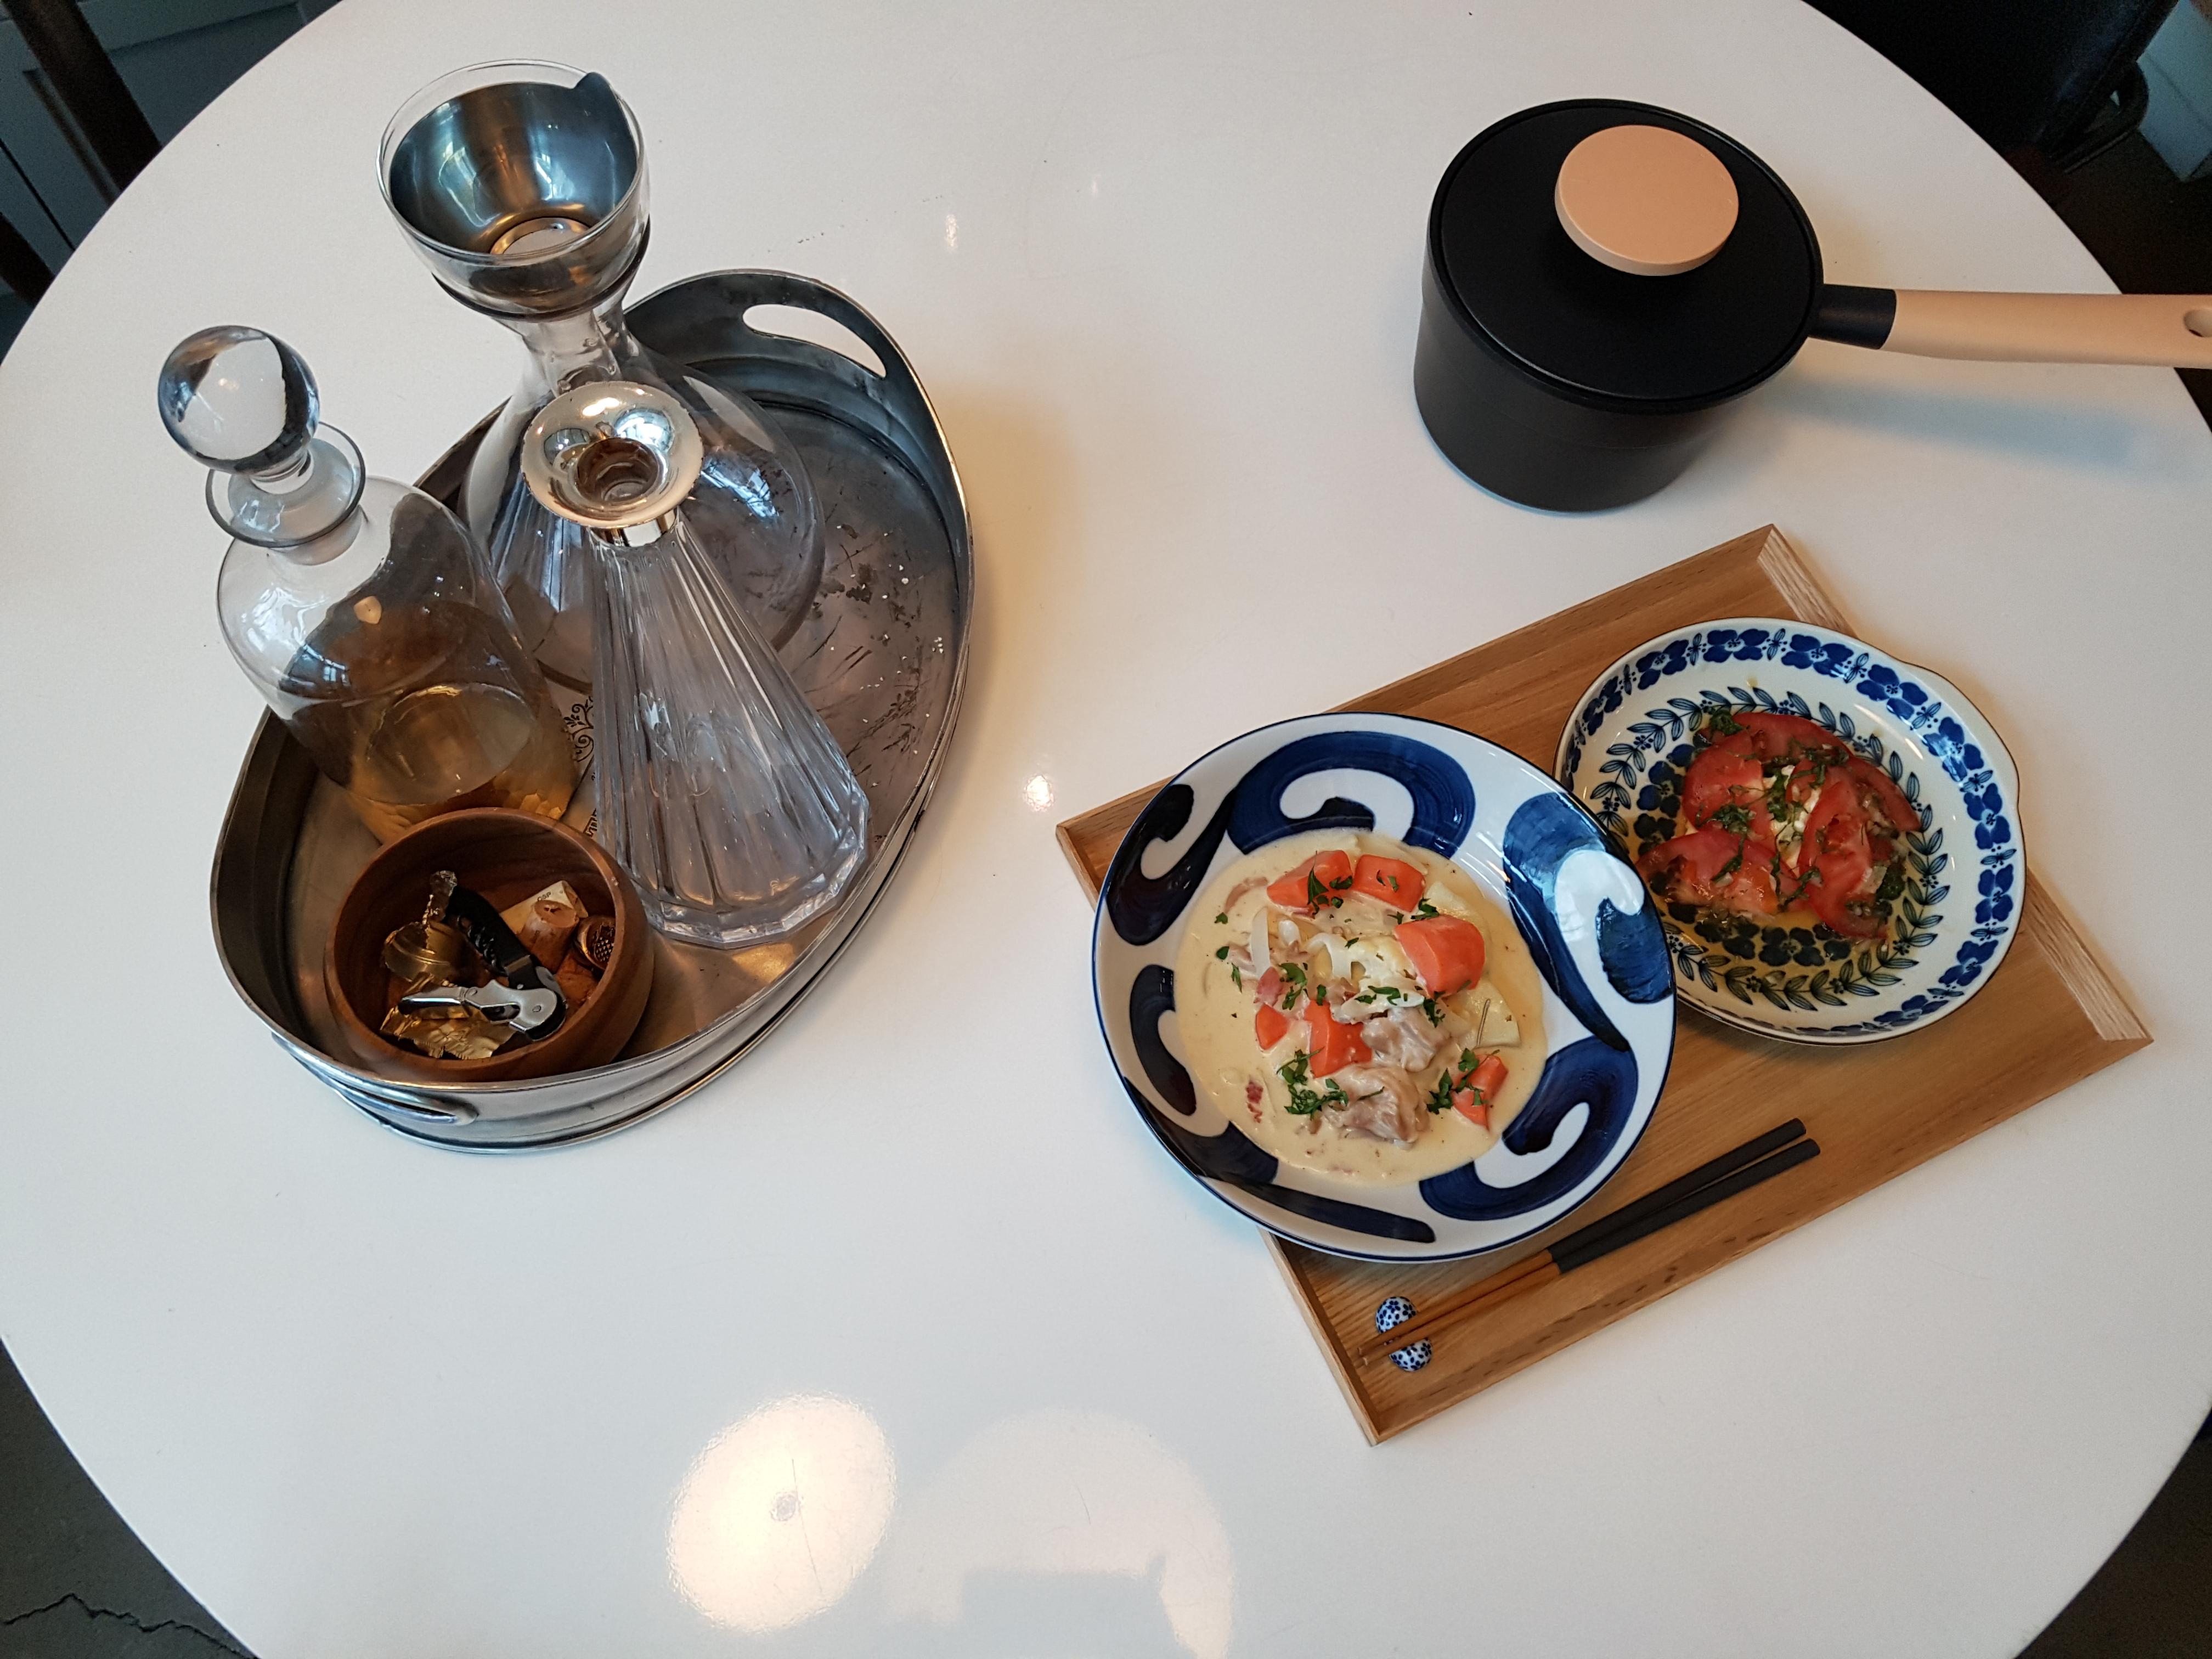 락앤락 원데이쿠킹클래스 - 세계집밥